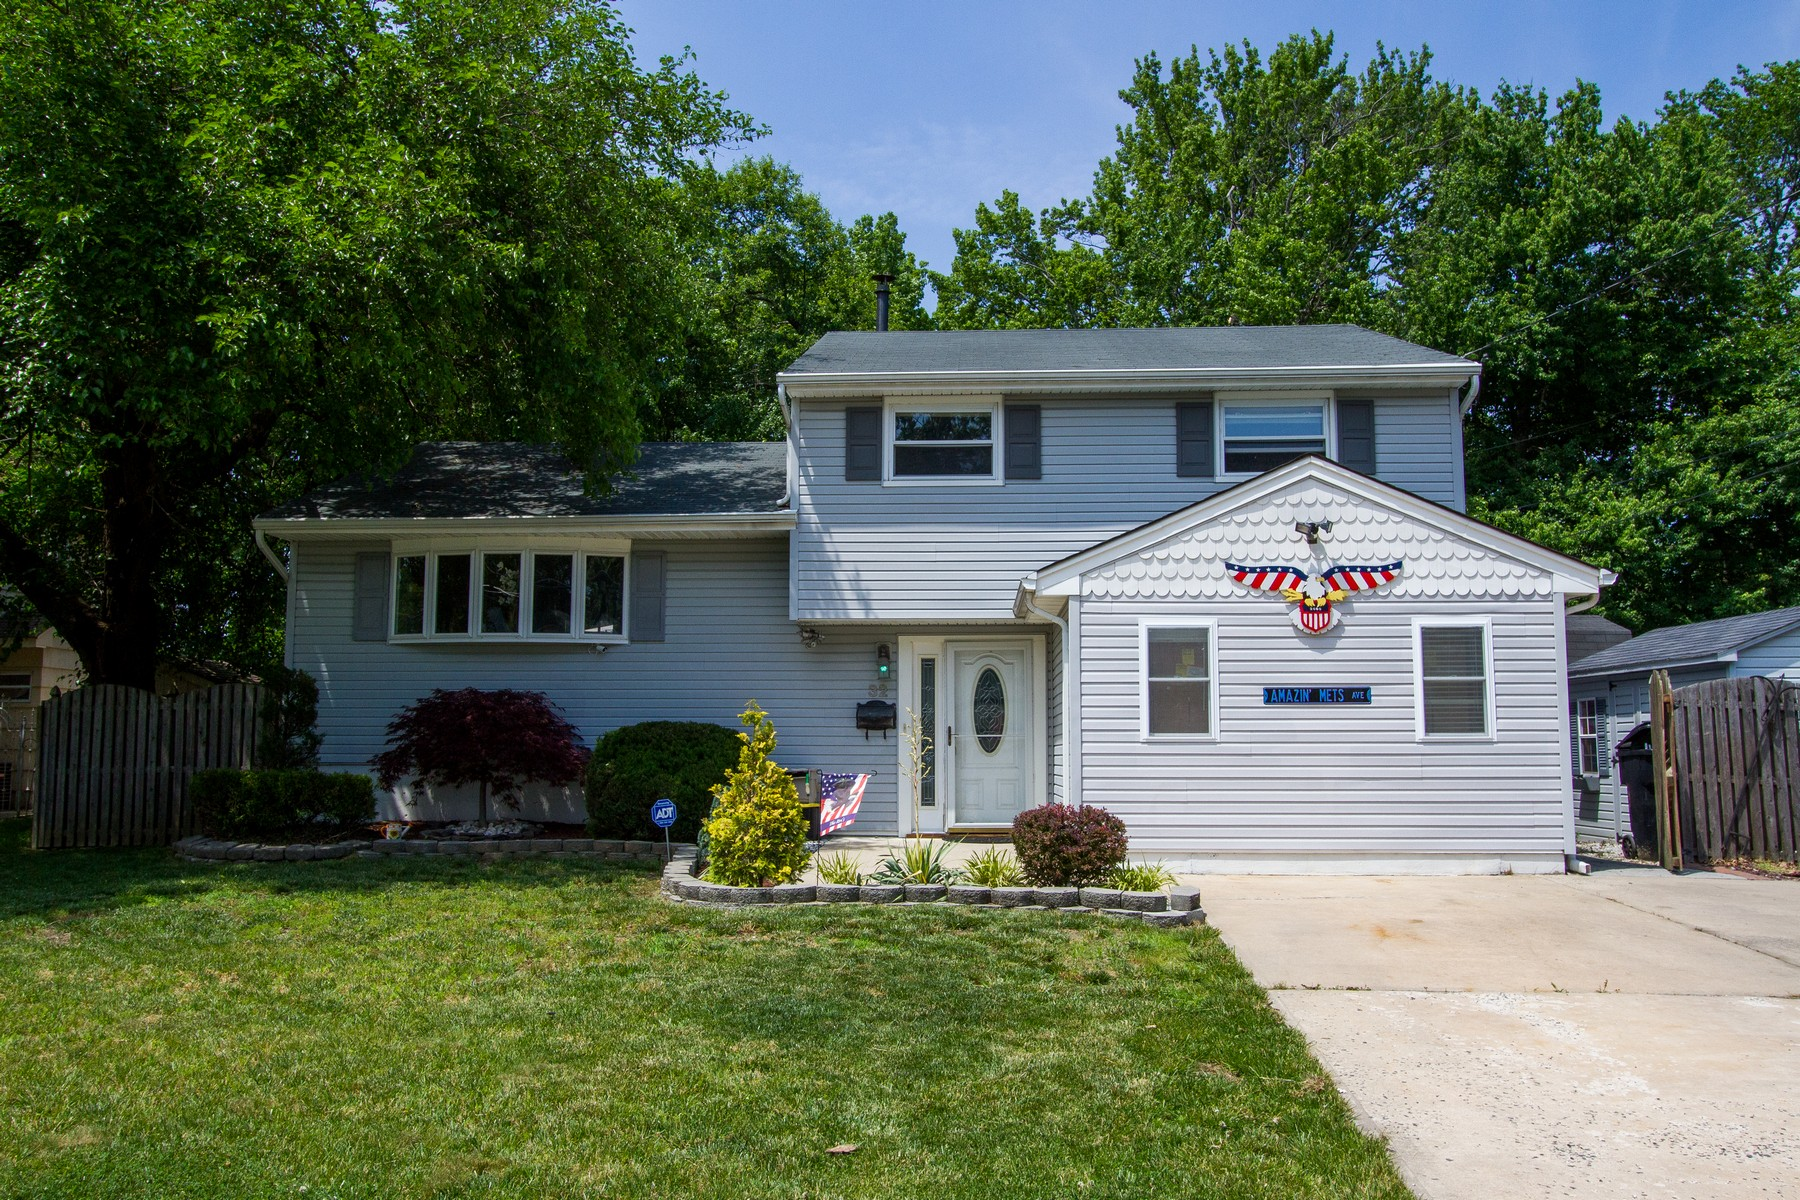 Maison unifamiliale pour l Vente à Fantastic Split Level 32 Hemlock St Hazlet, New Jersey 07730 États-Unis